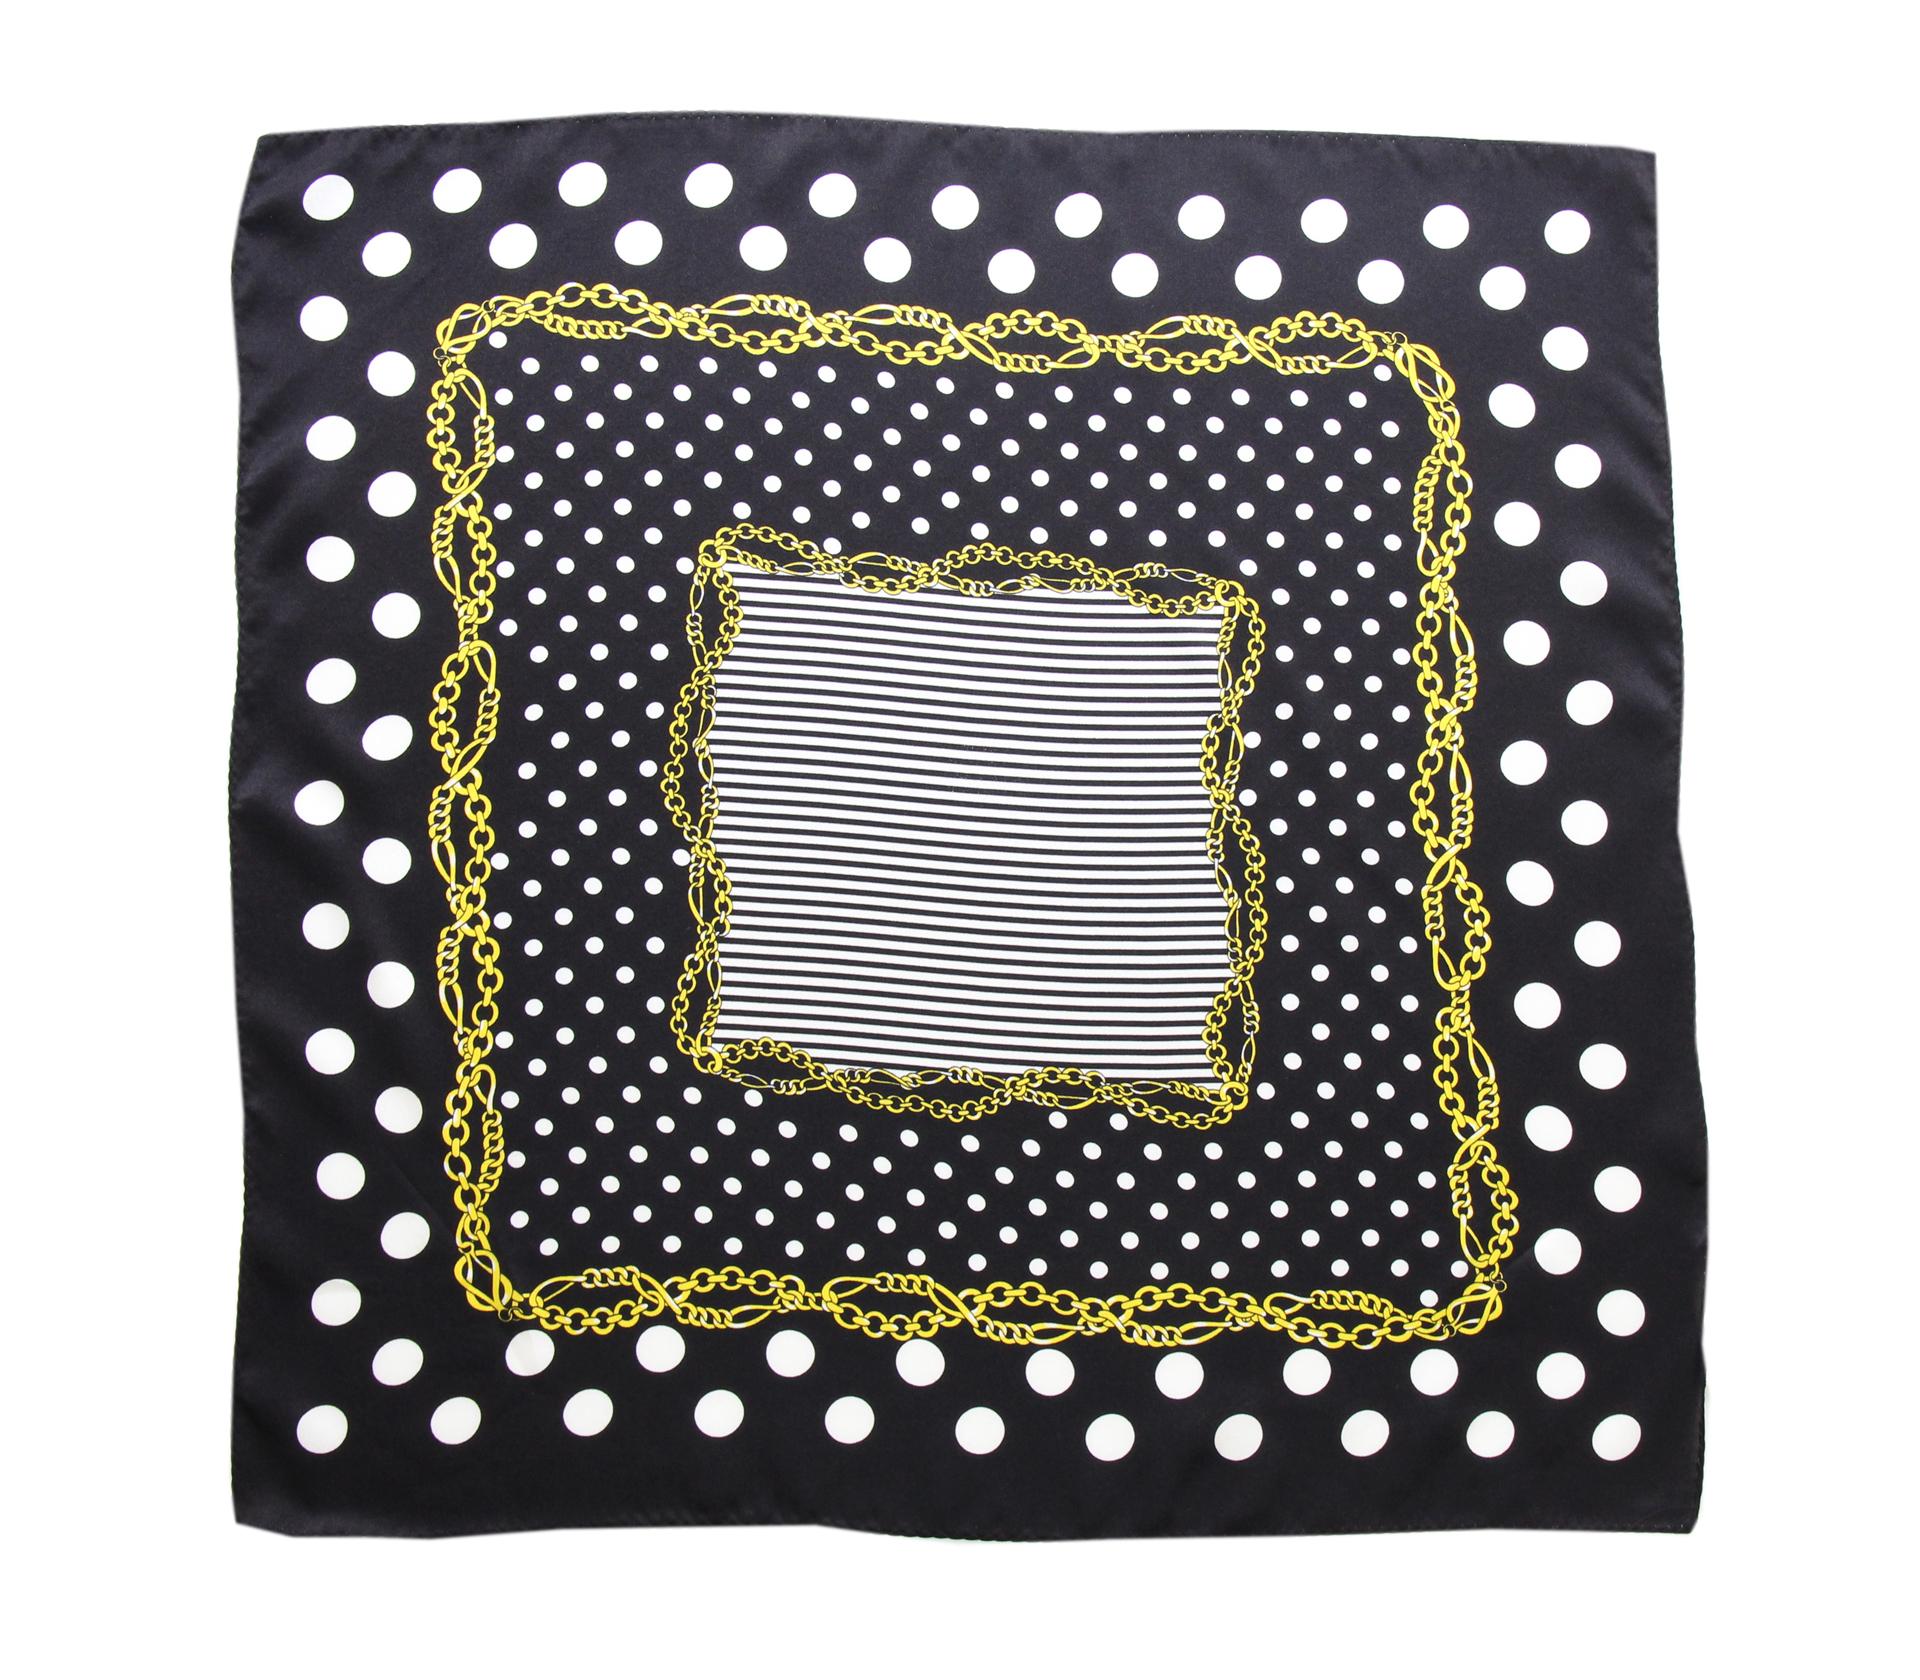 闕蘭絹普普風圓點100%蠶絲方巾(53*53) - S24-8